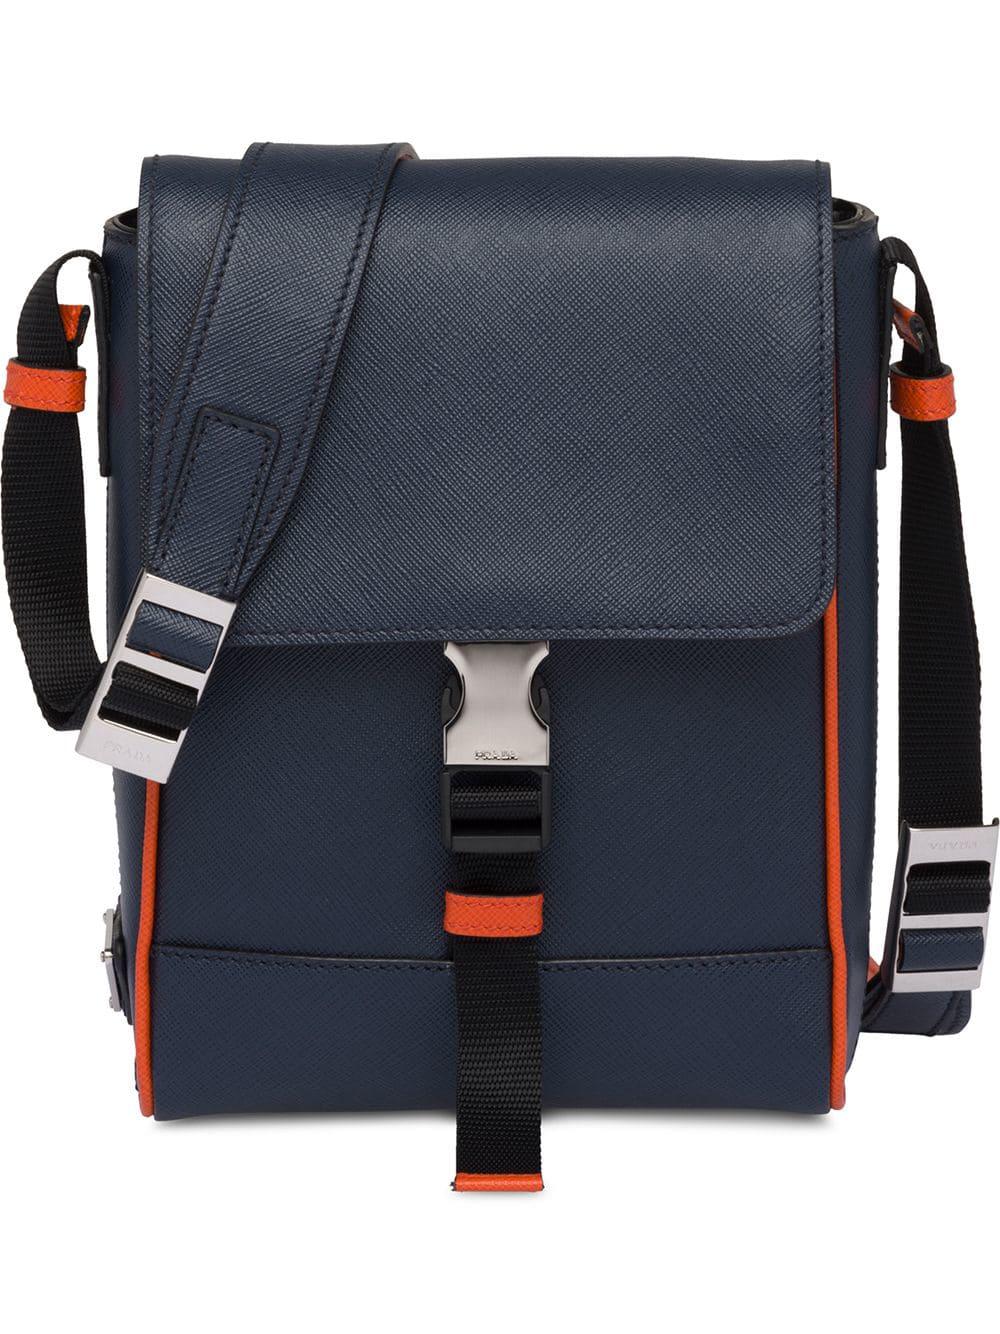 d08c96a7af7e1f Prada Saffiano Leather Shoulder Bag - Blue | ModeSens